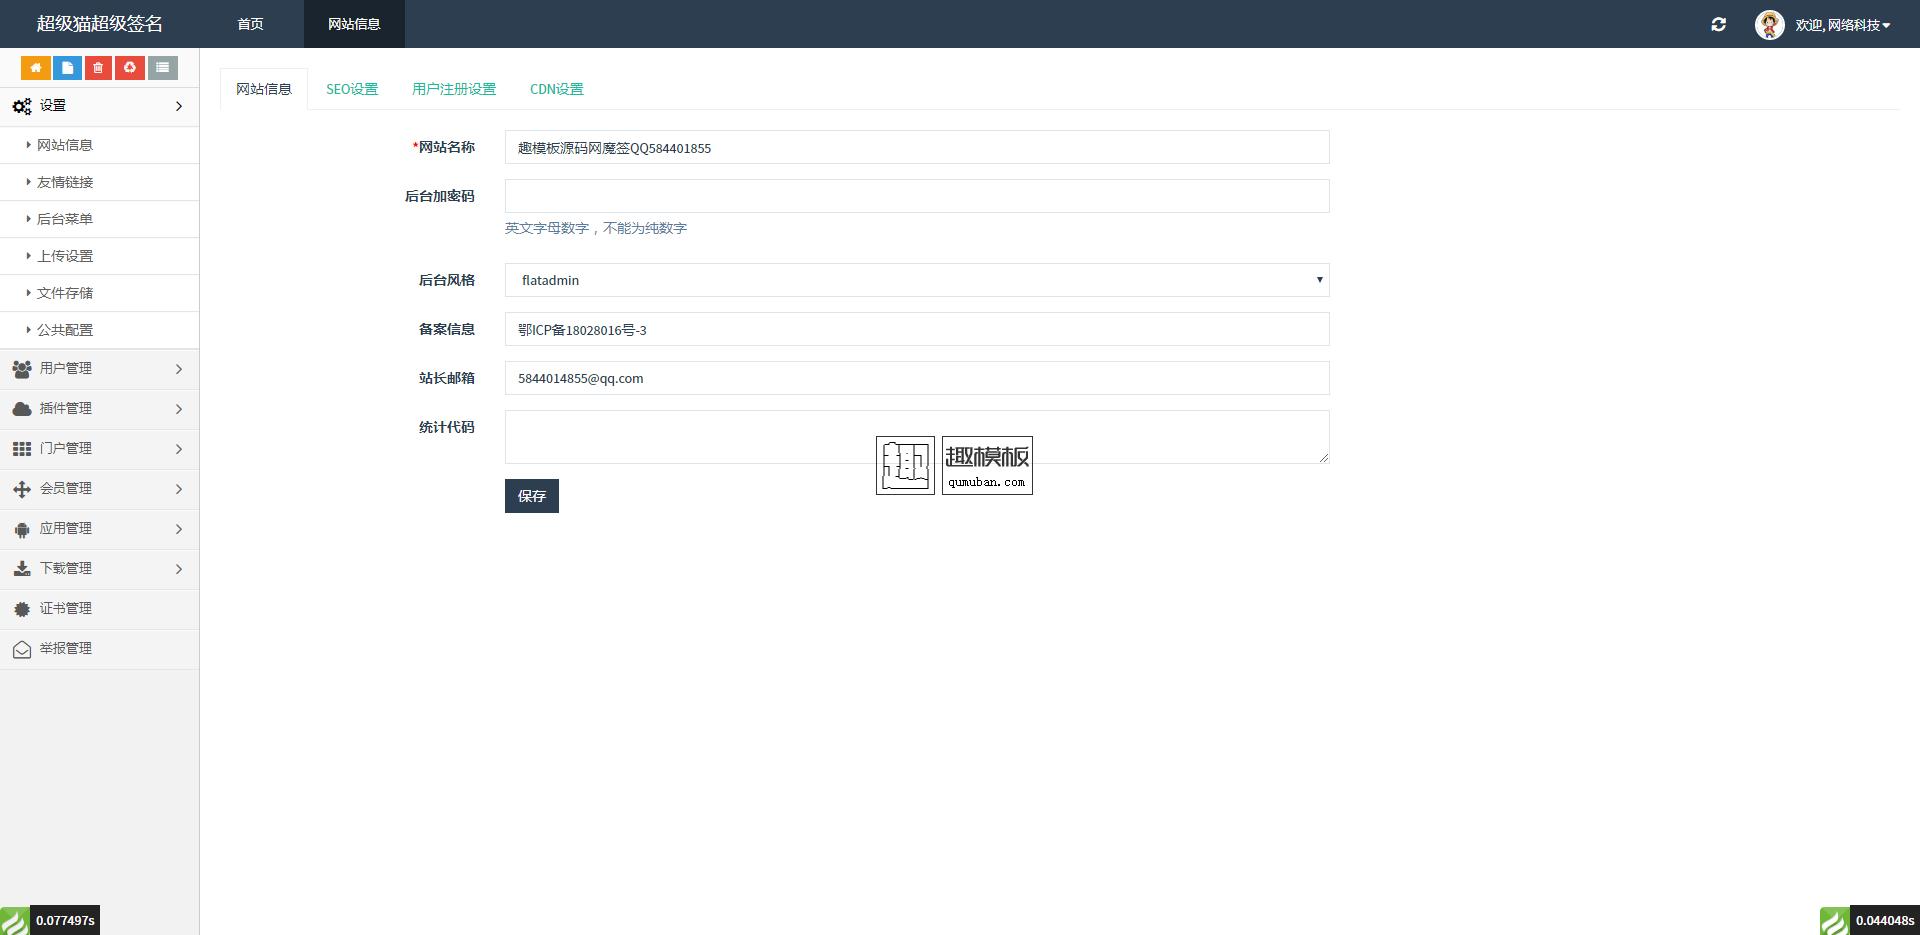 2019全新超级签名源码 超级签 ios分发 签名端本地linux服务器完成签名流程